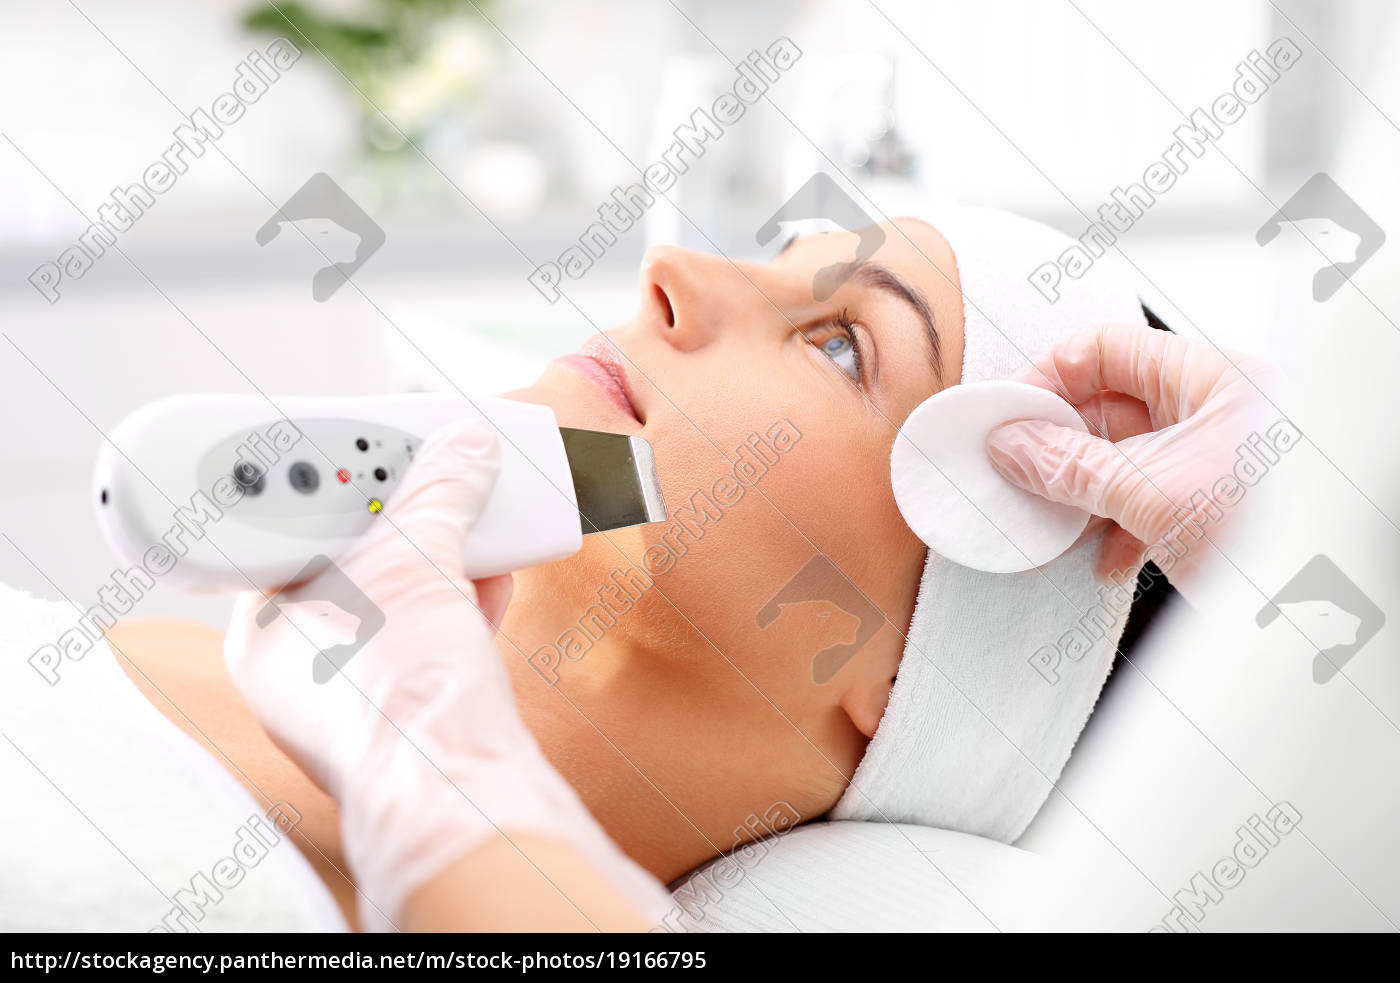 cavitation, peeling, facial, treatment - 19166795